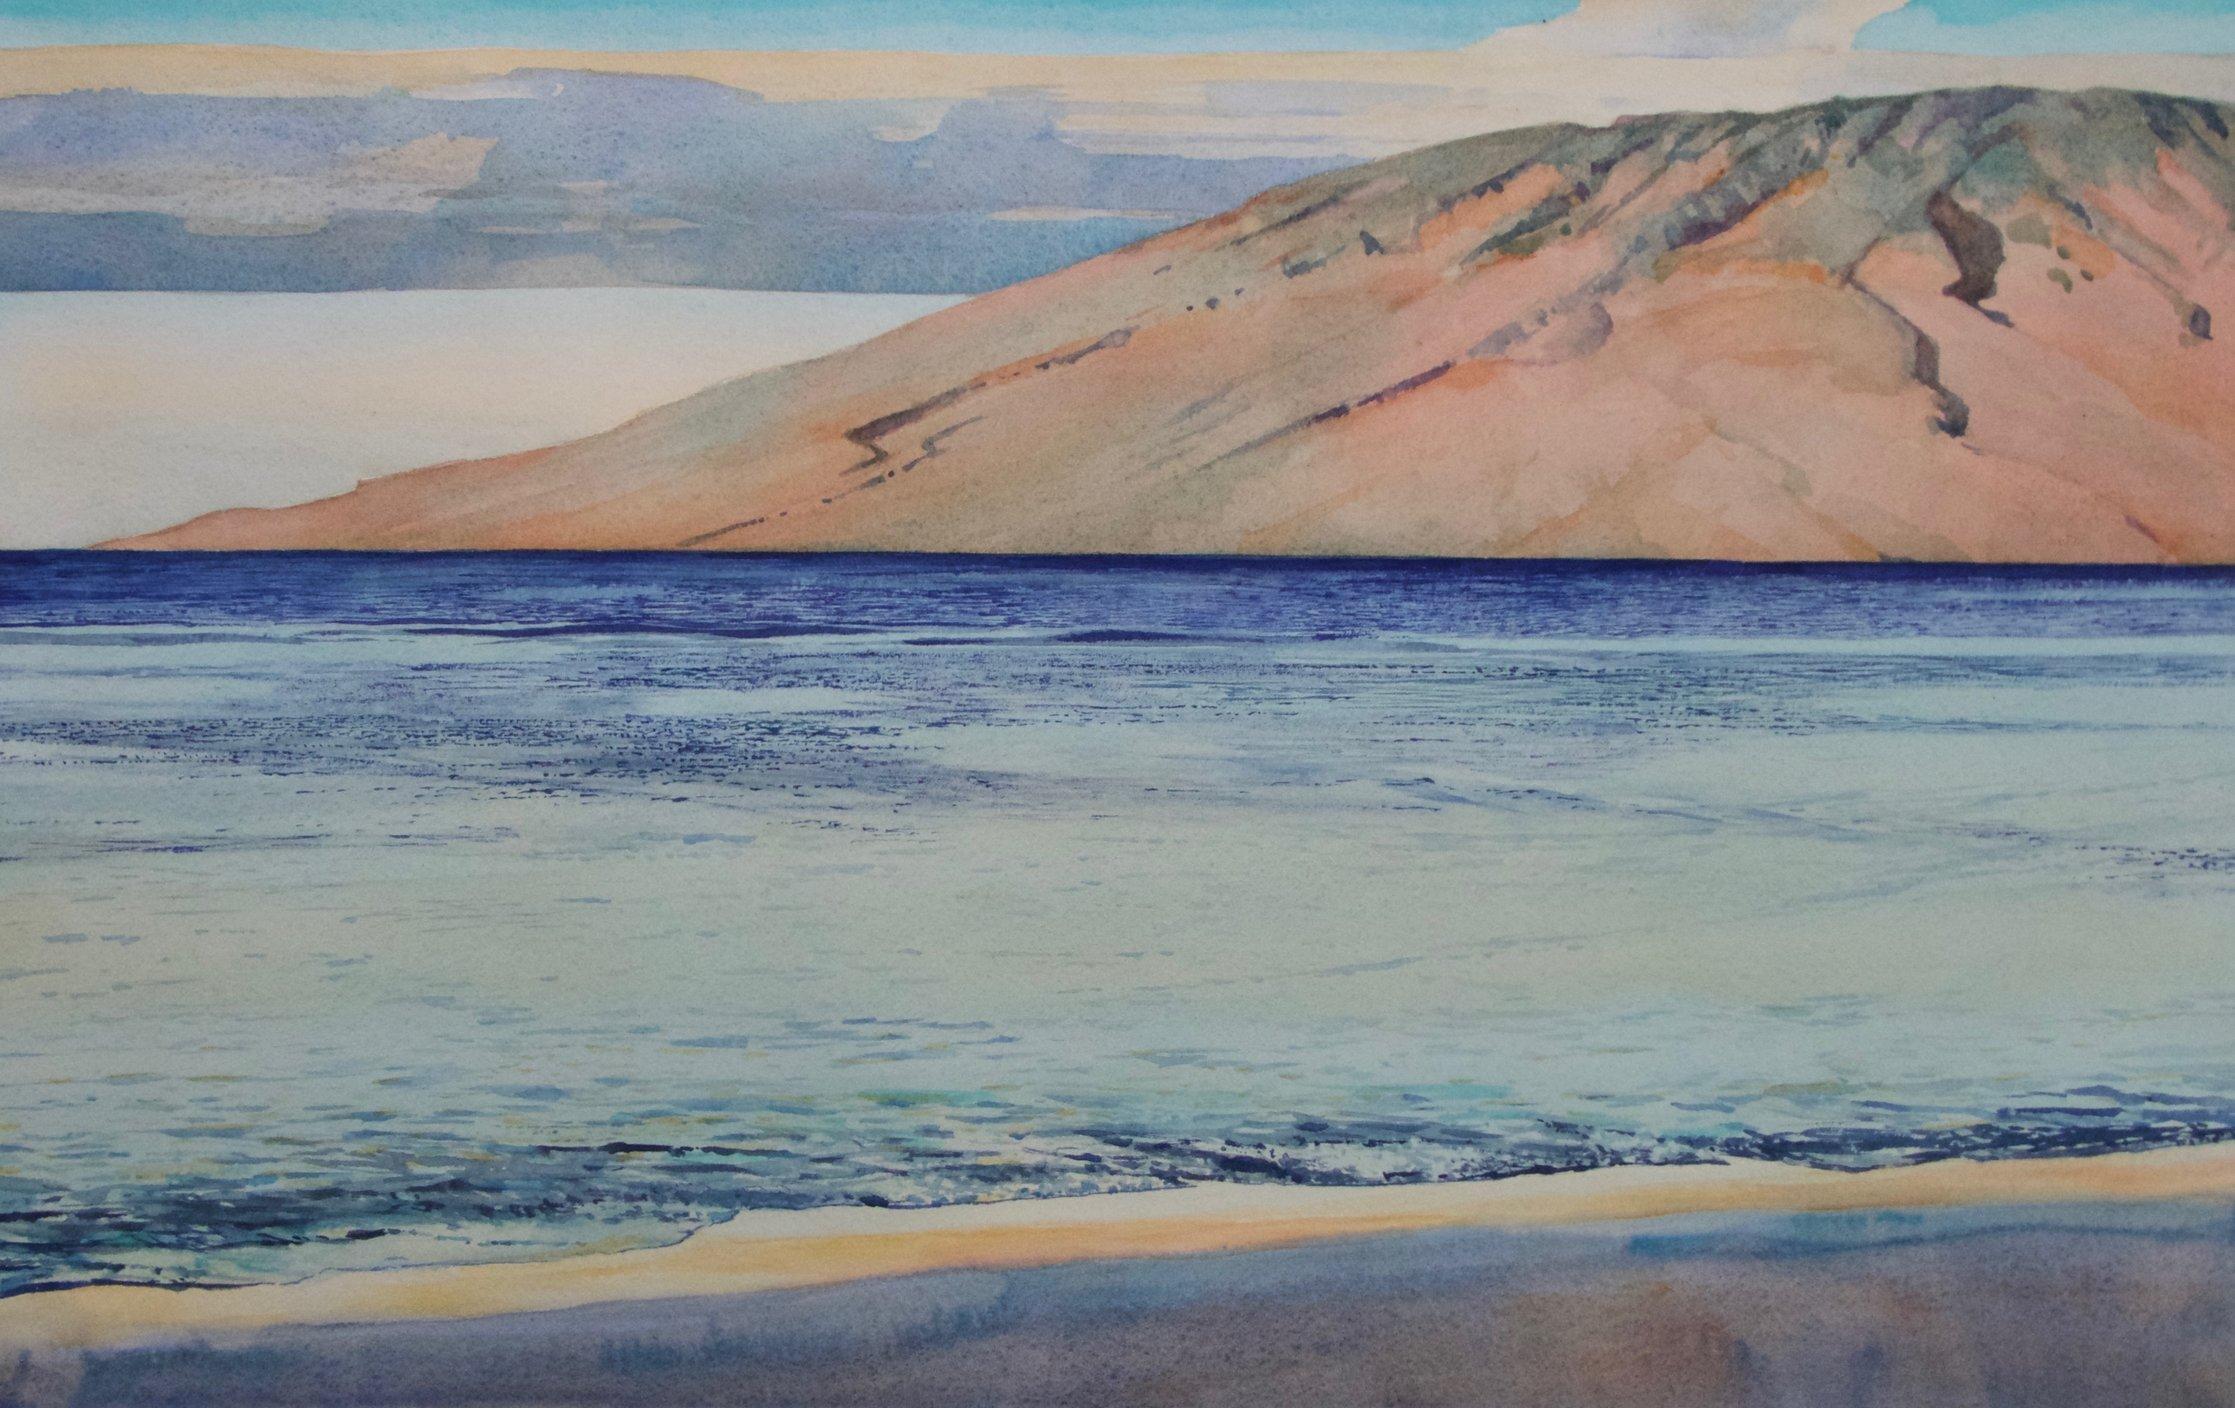 Keiki beach towards Lanai